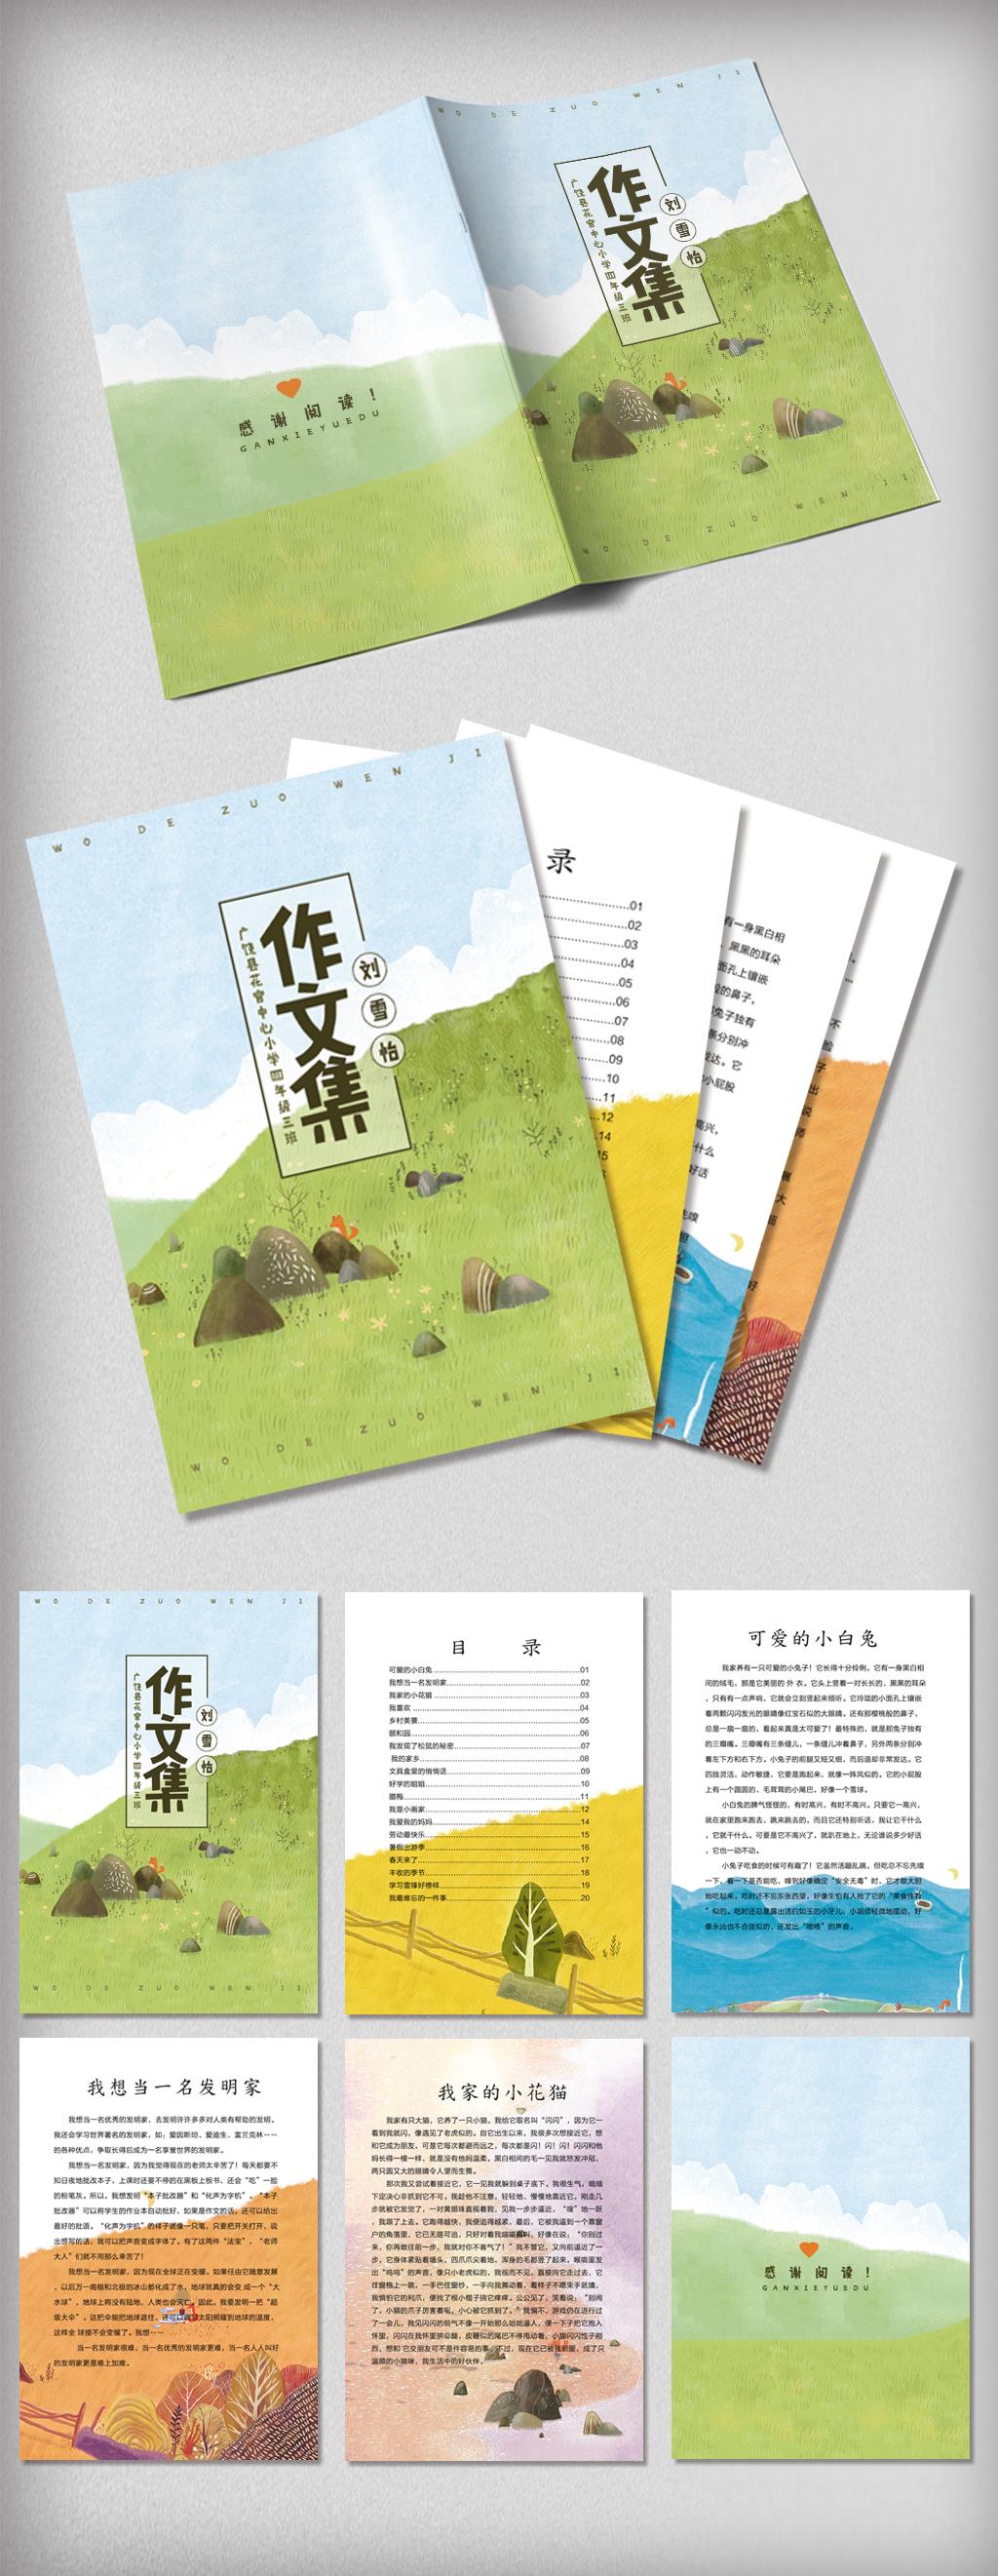 插画小狐狸卡通中小学生作文集免费模板图片